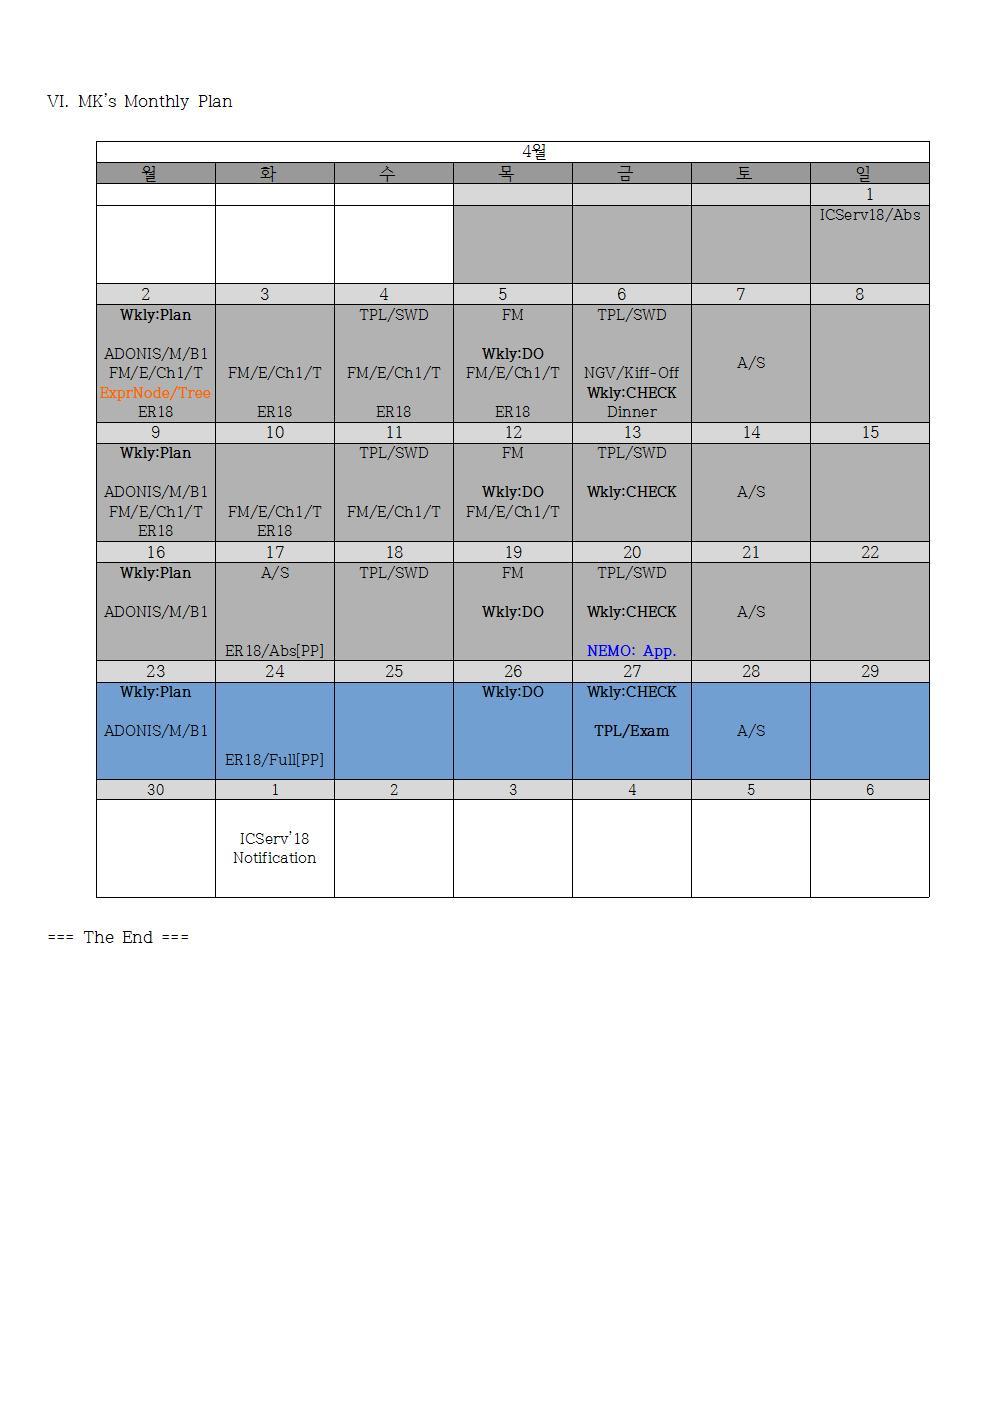 1-Mon-2018-04-23-PLAN-MK-Agenda003.jpg